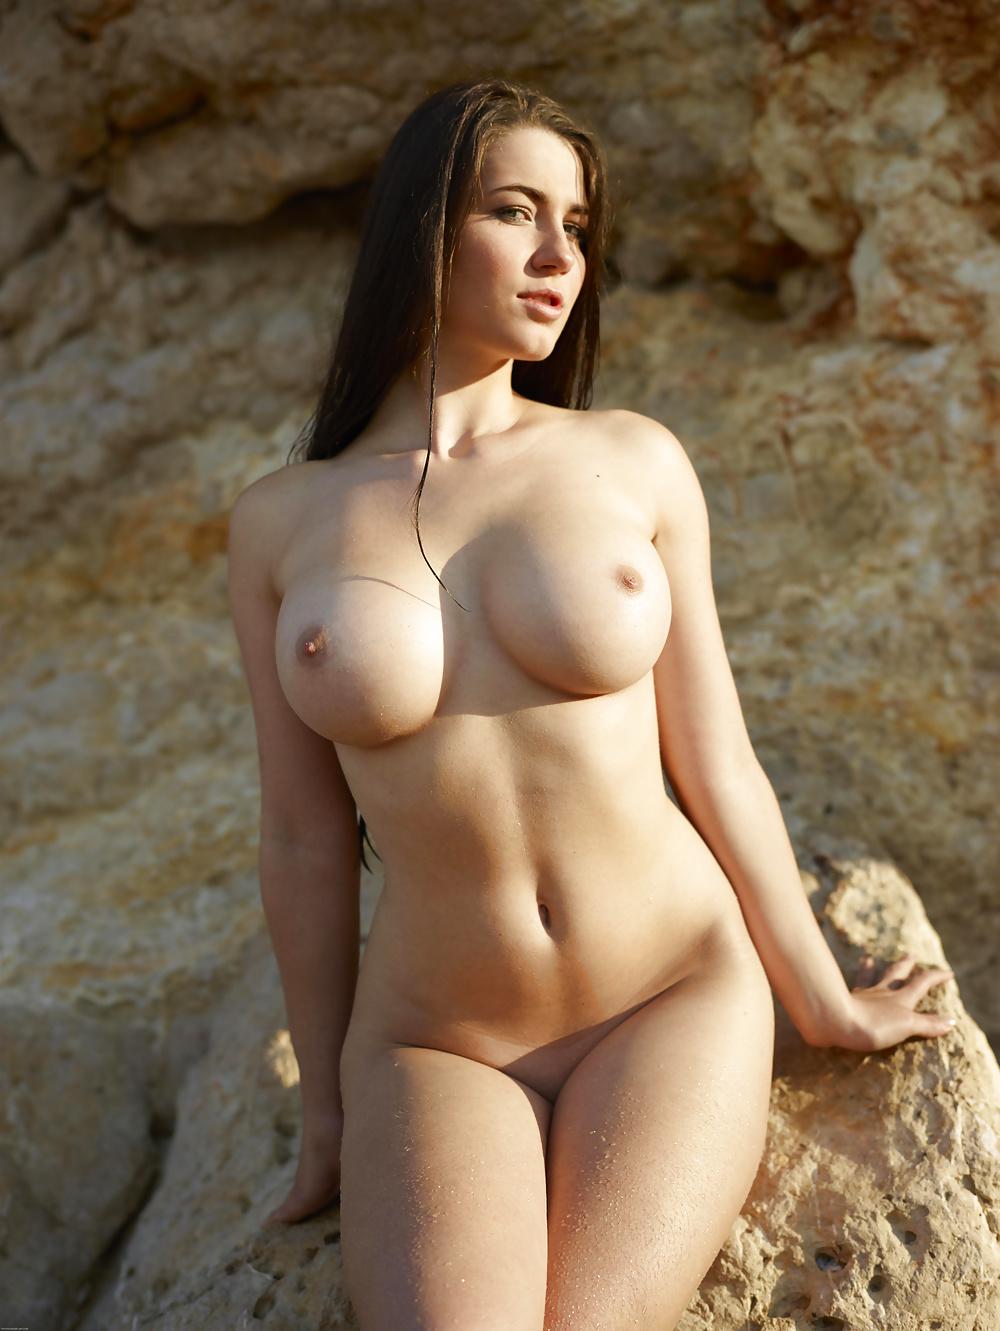 Schöne Aktbildern mit natürliche Brüsten